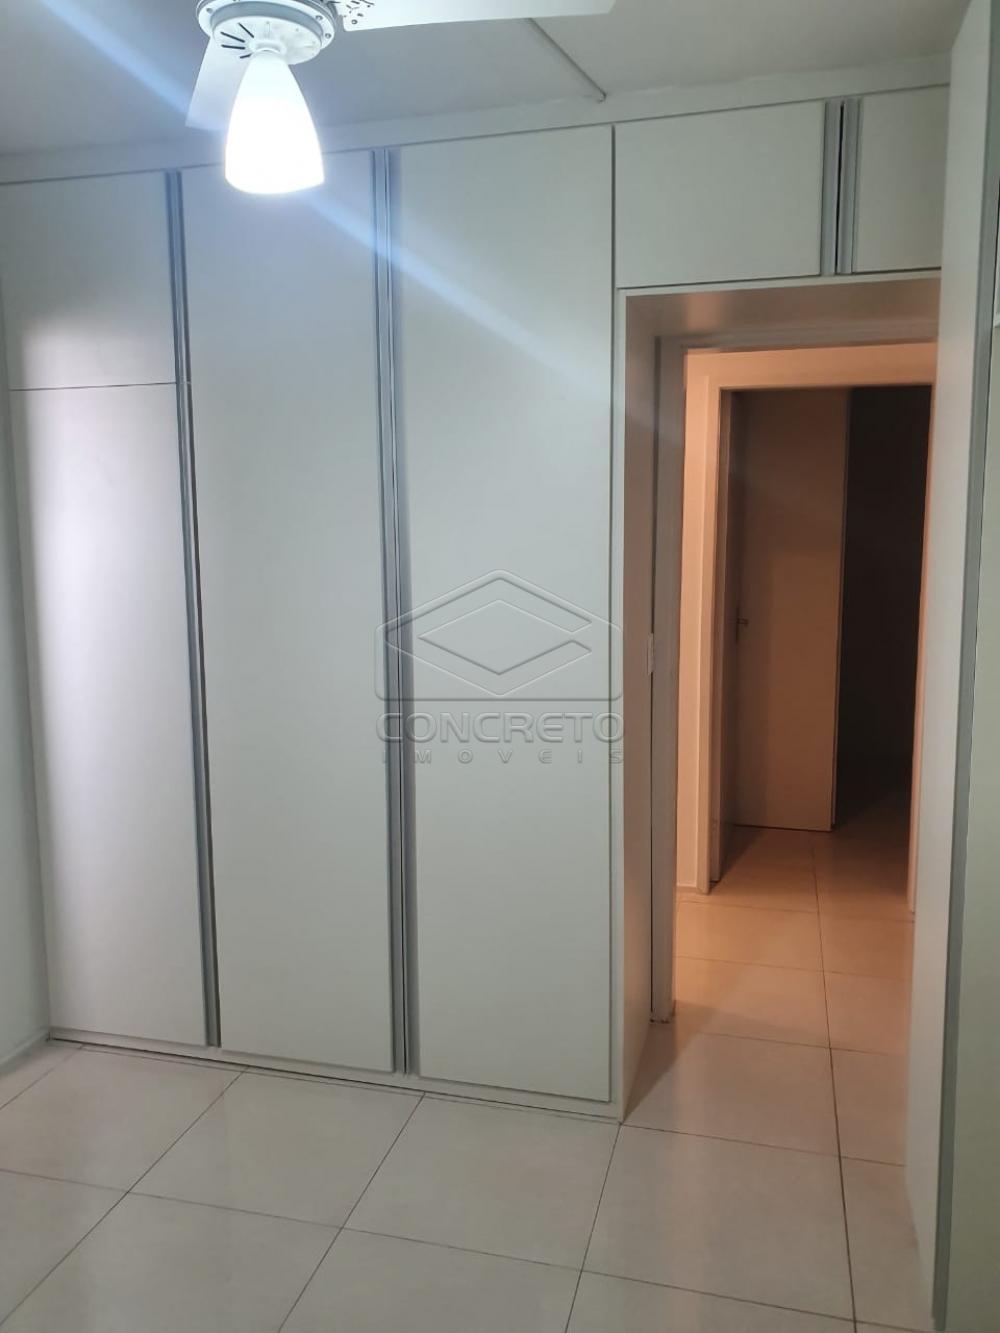 Comprar Apartamento / Padrão em Bauru apenas R$ 400.000,00 - Foto 5